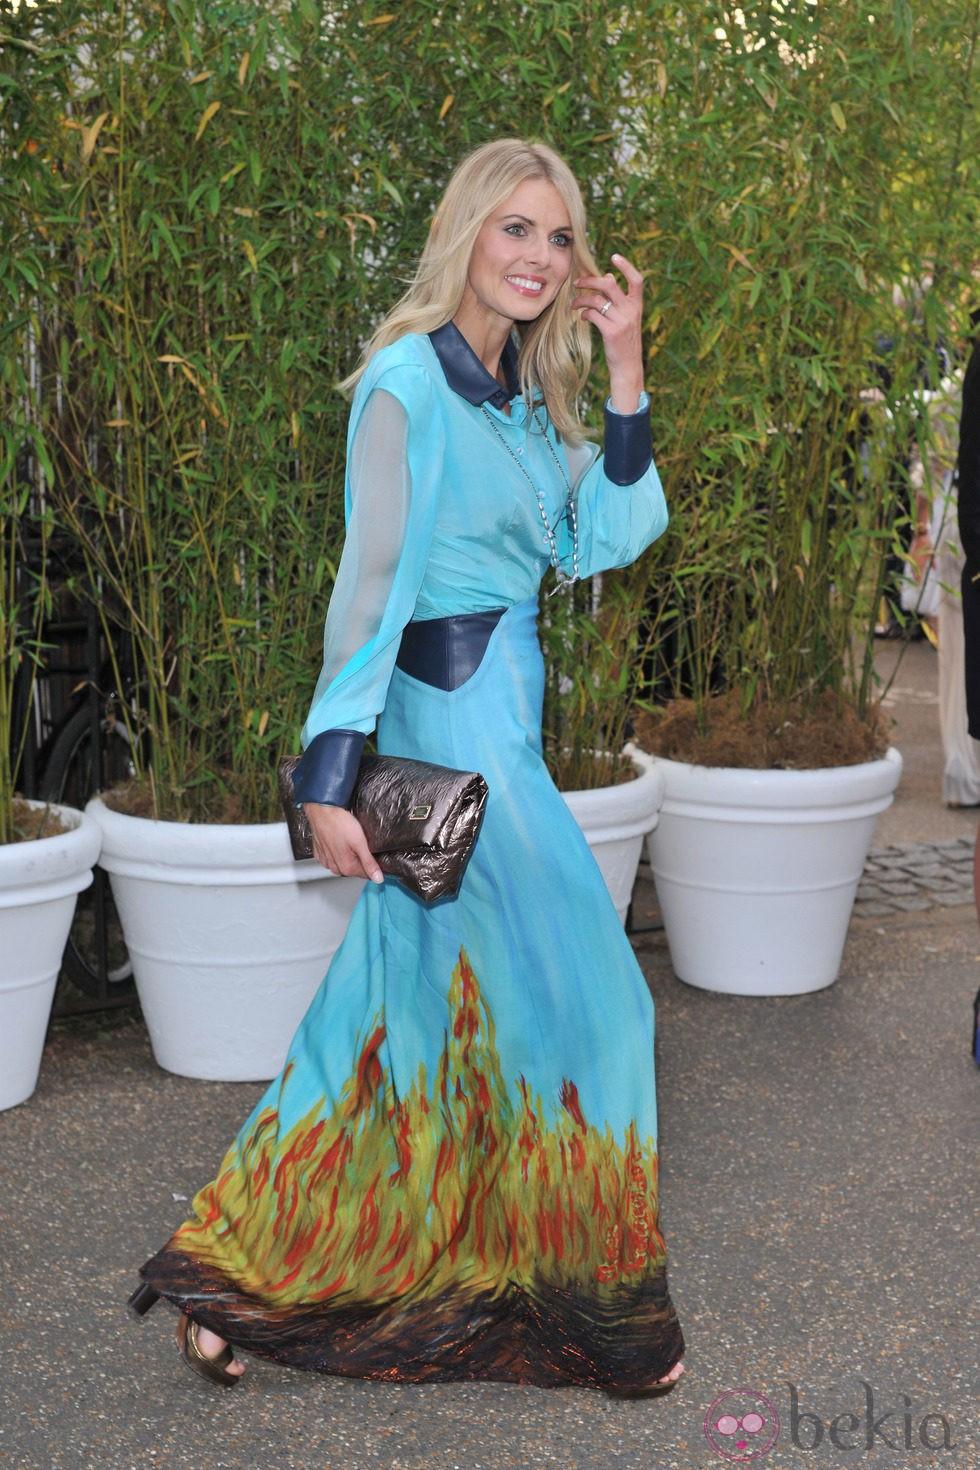 Donna Air en una fiesta celebrada en los jardines del Palacio de Kensington